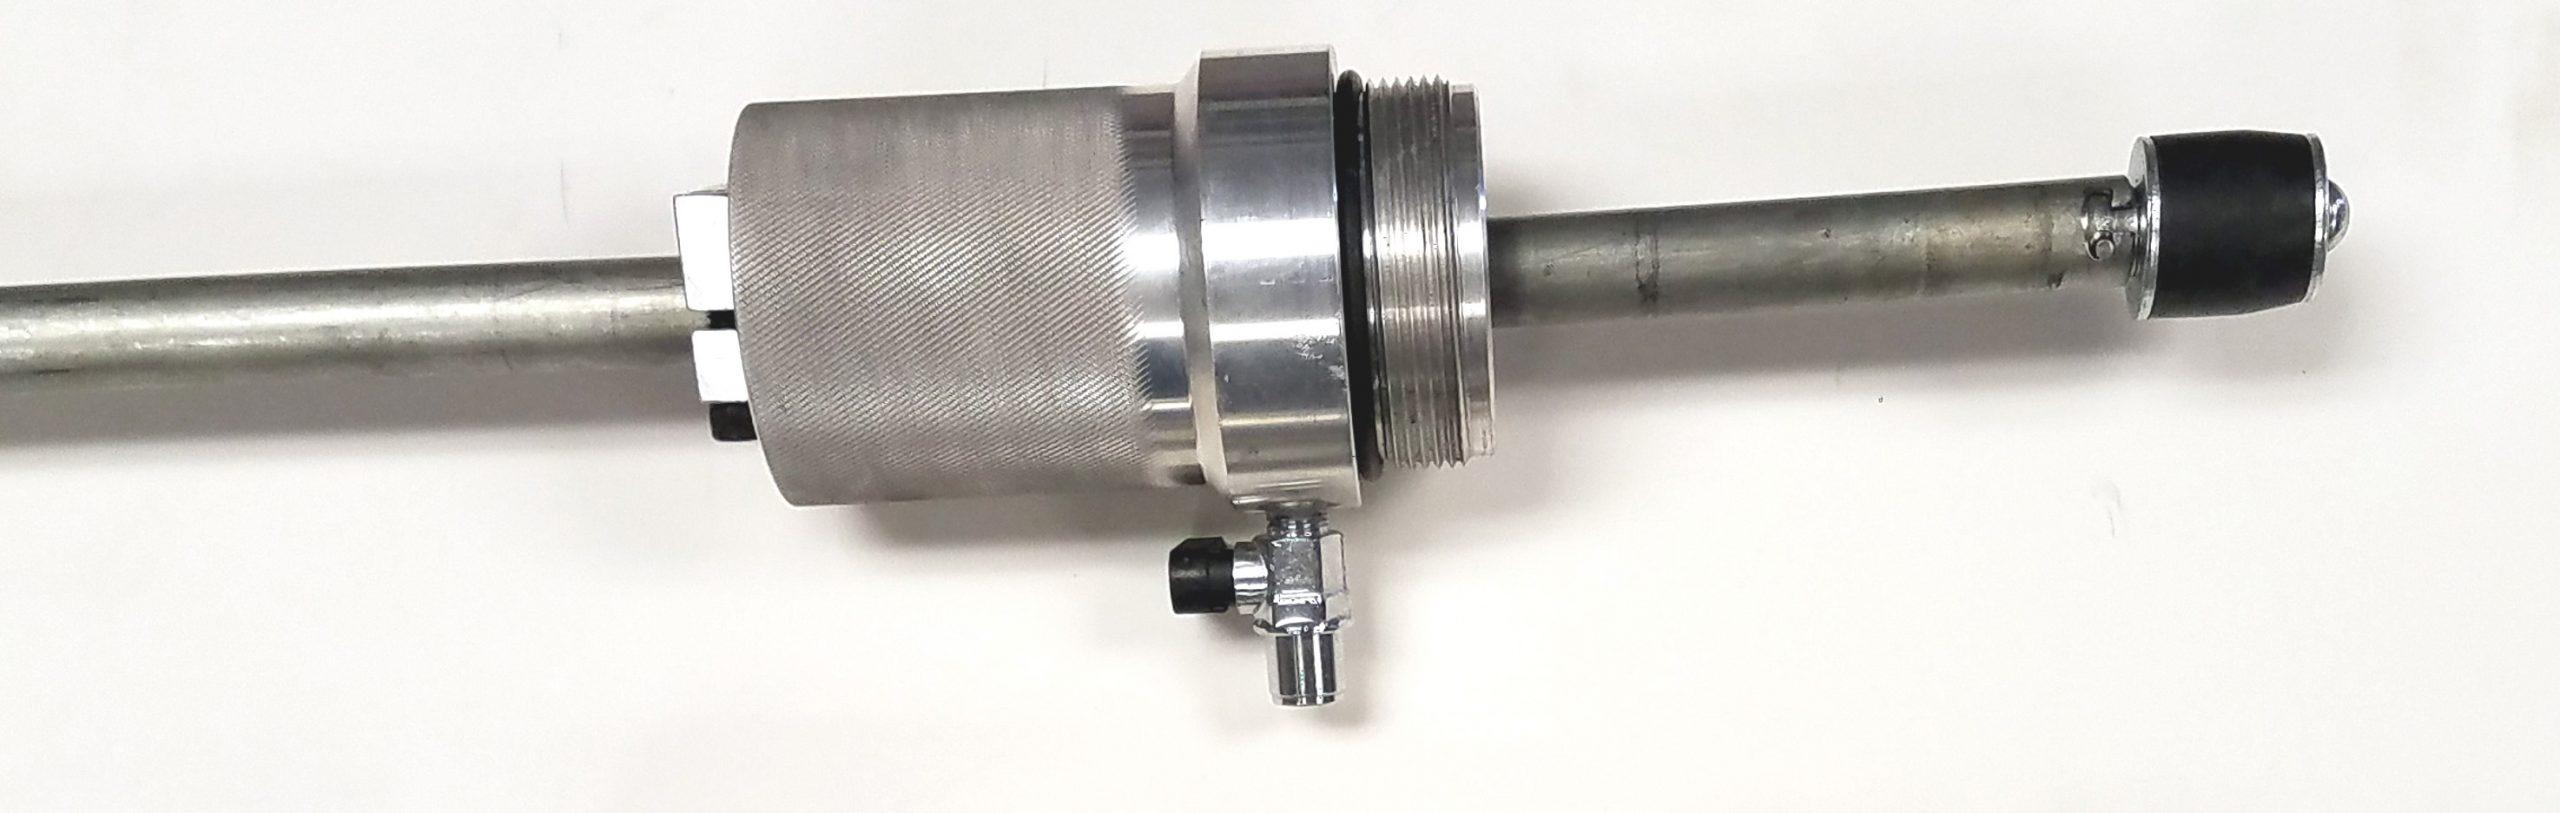 Detachable Rubber Expansion Stopper